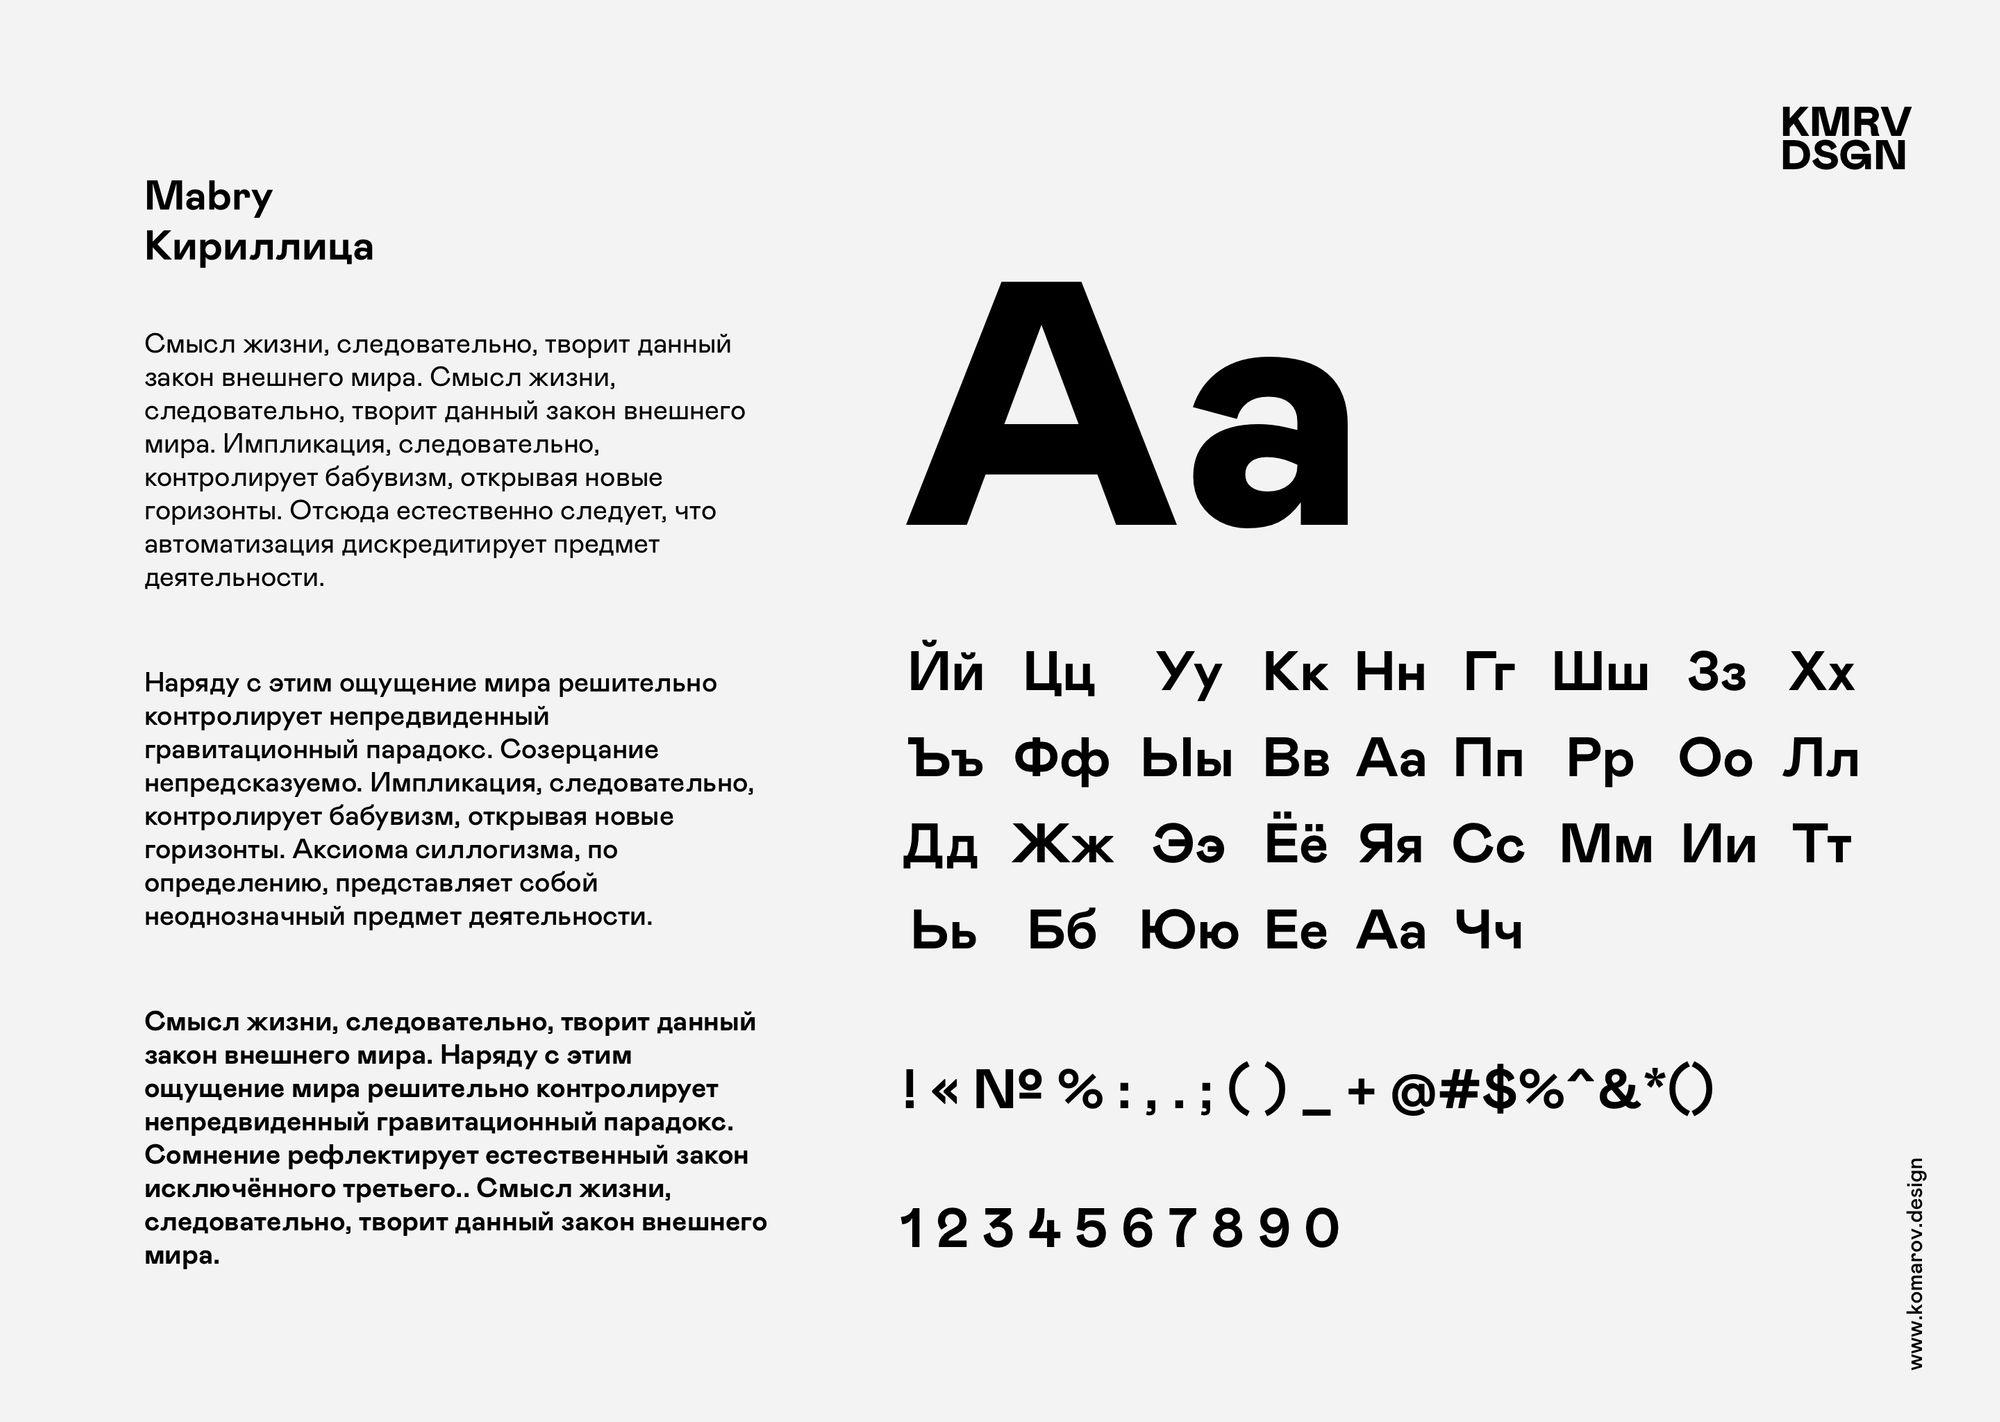 Кириллический шрифт Mabry скачать